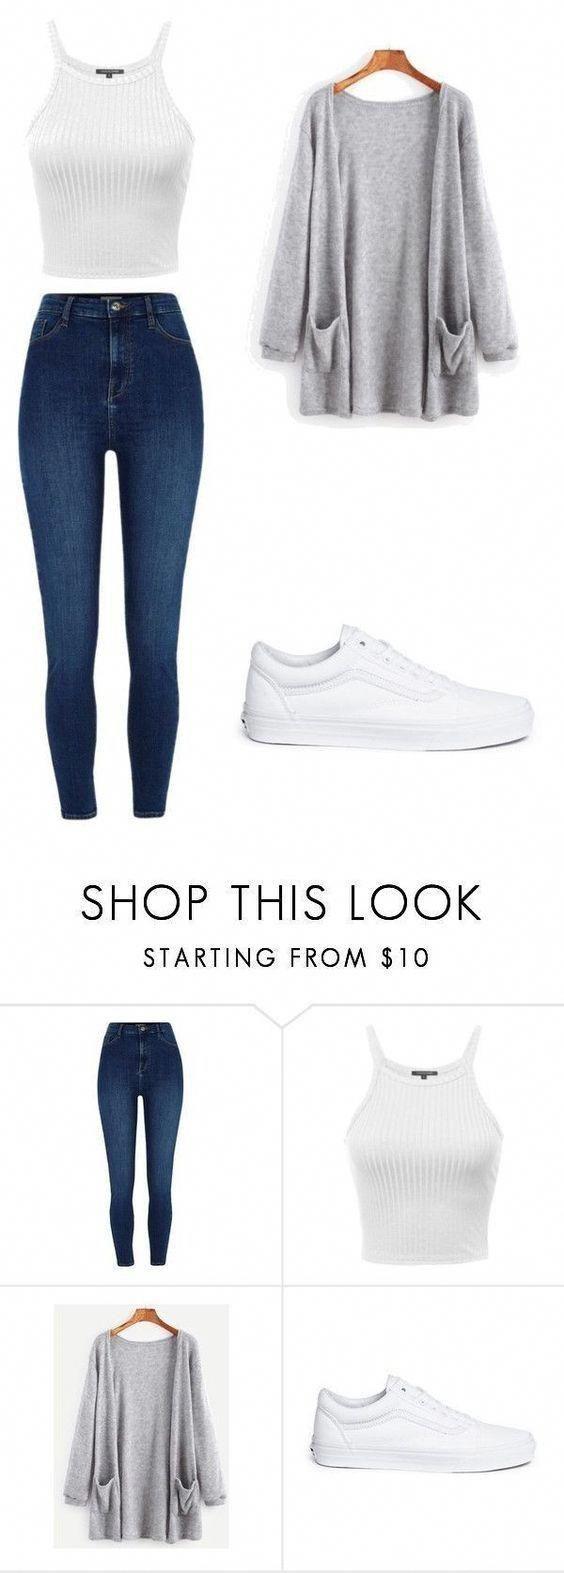 Tipps Für Teen-Outfits Für Mädchen 345 #teenfashionoutfits #fashion #outfits #teenfas Tipps für Teen-Outfits für Mädchen 345 #teenfashionoutfits #fashion #outfits #teenfas Casual Outfit casual outfits for girl